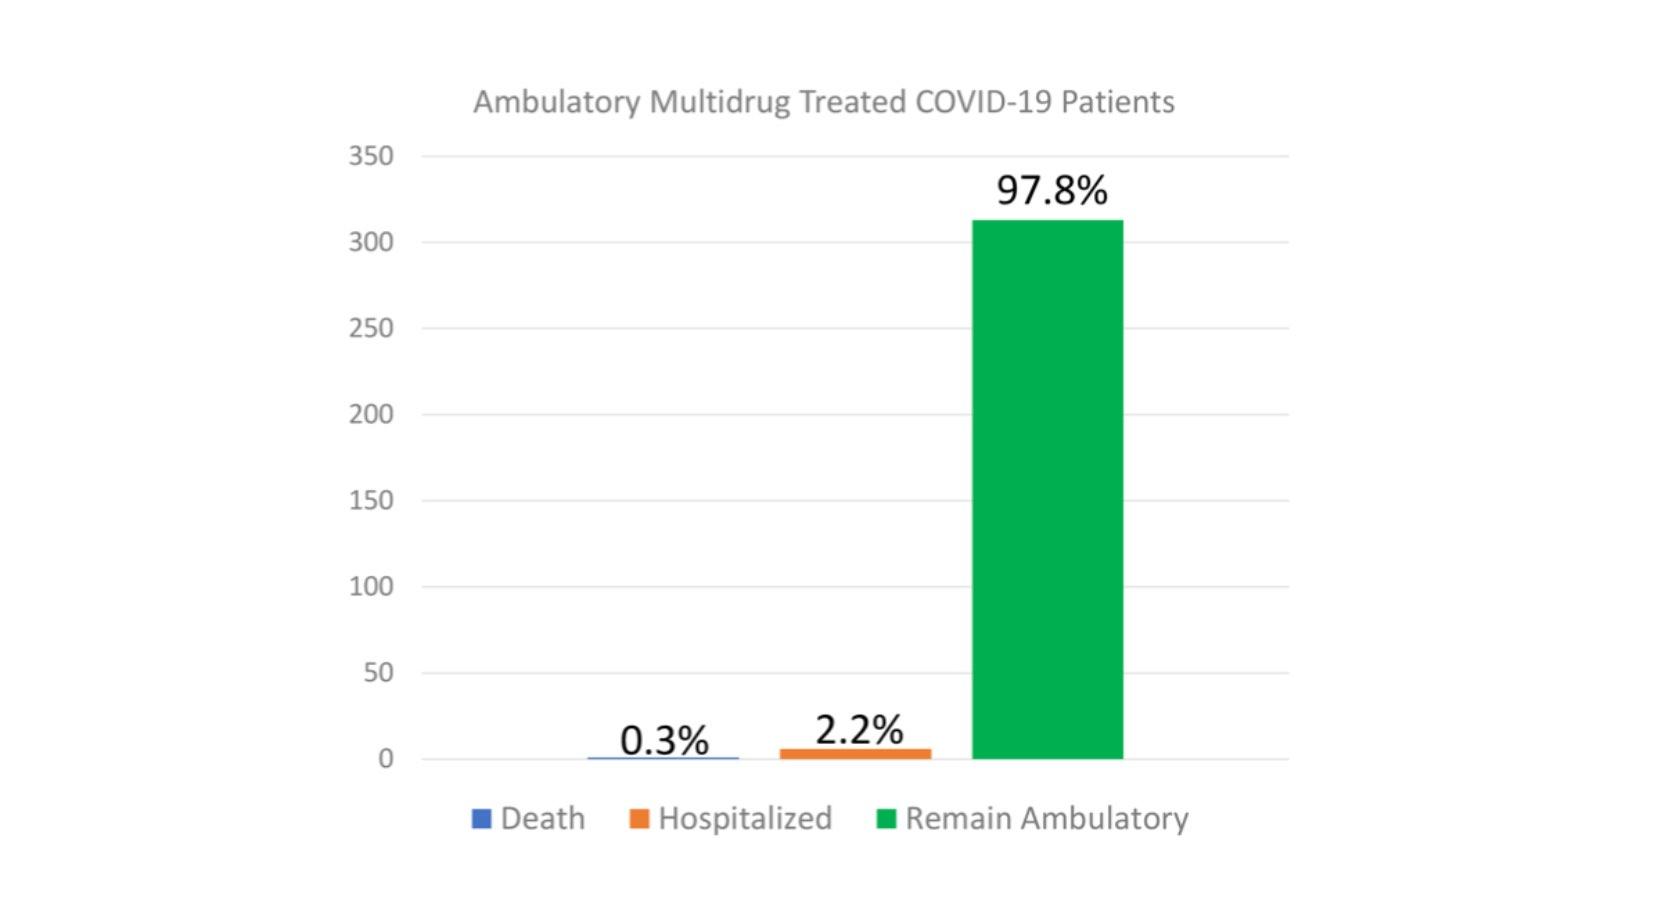 Une nouvelle étude sur le traitement ambulatoire montre un risque d'hospitalisation très faible